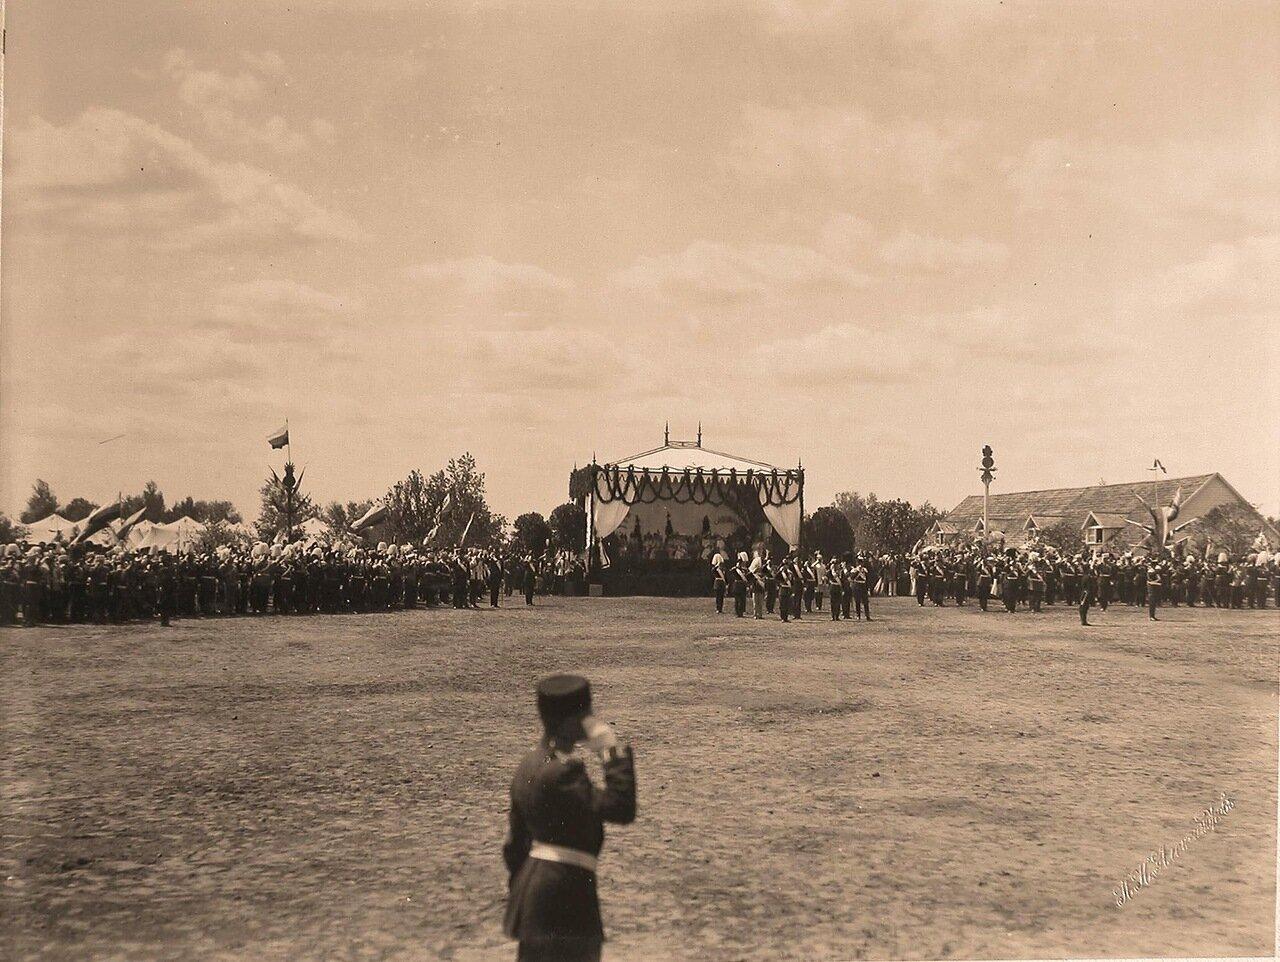 Участники парада на Ходынском поле; перед царской палаткой - главы иностранных делегаций, приглашенные на торжества коронации; на первом плане (перед ними) - император Николай II